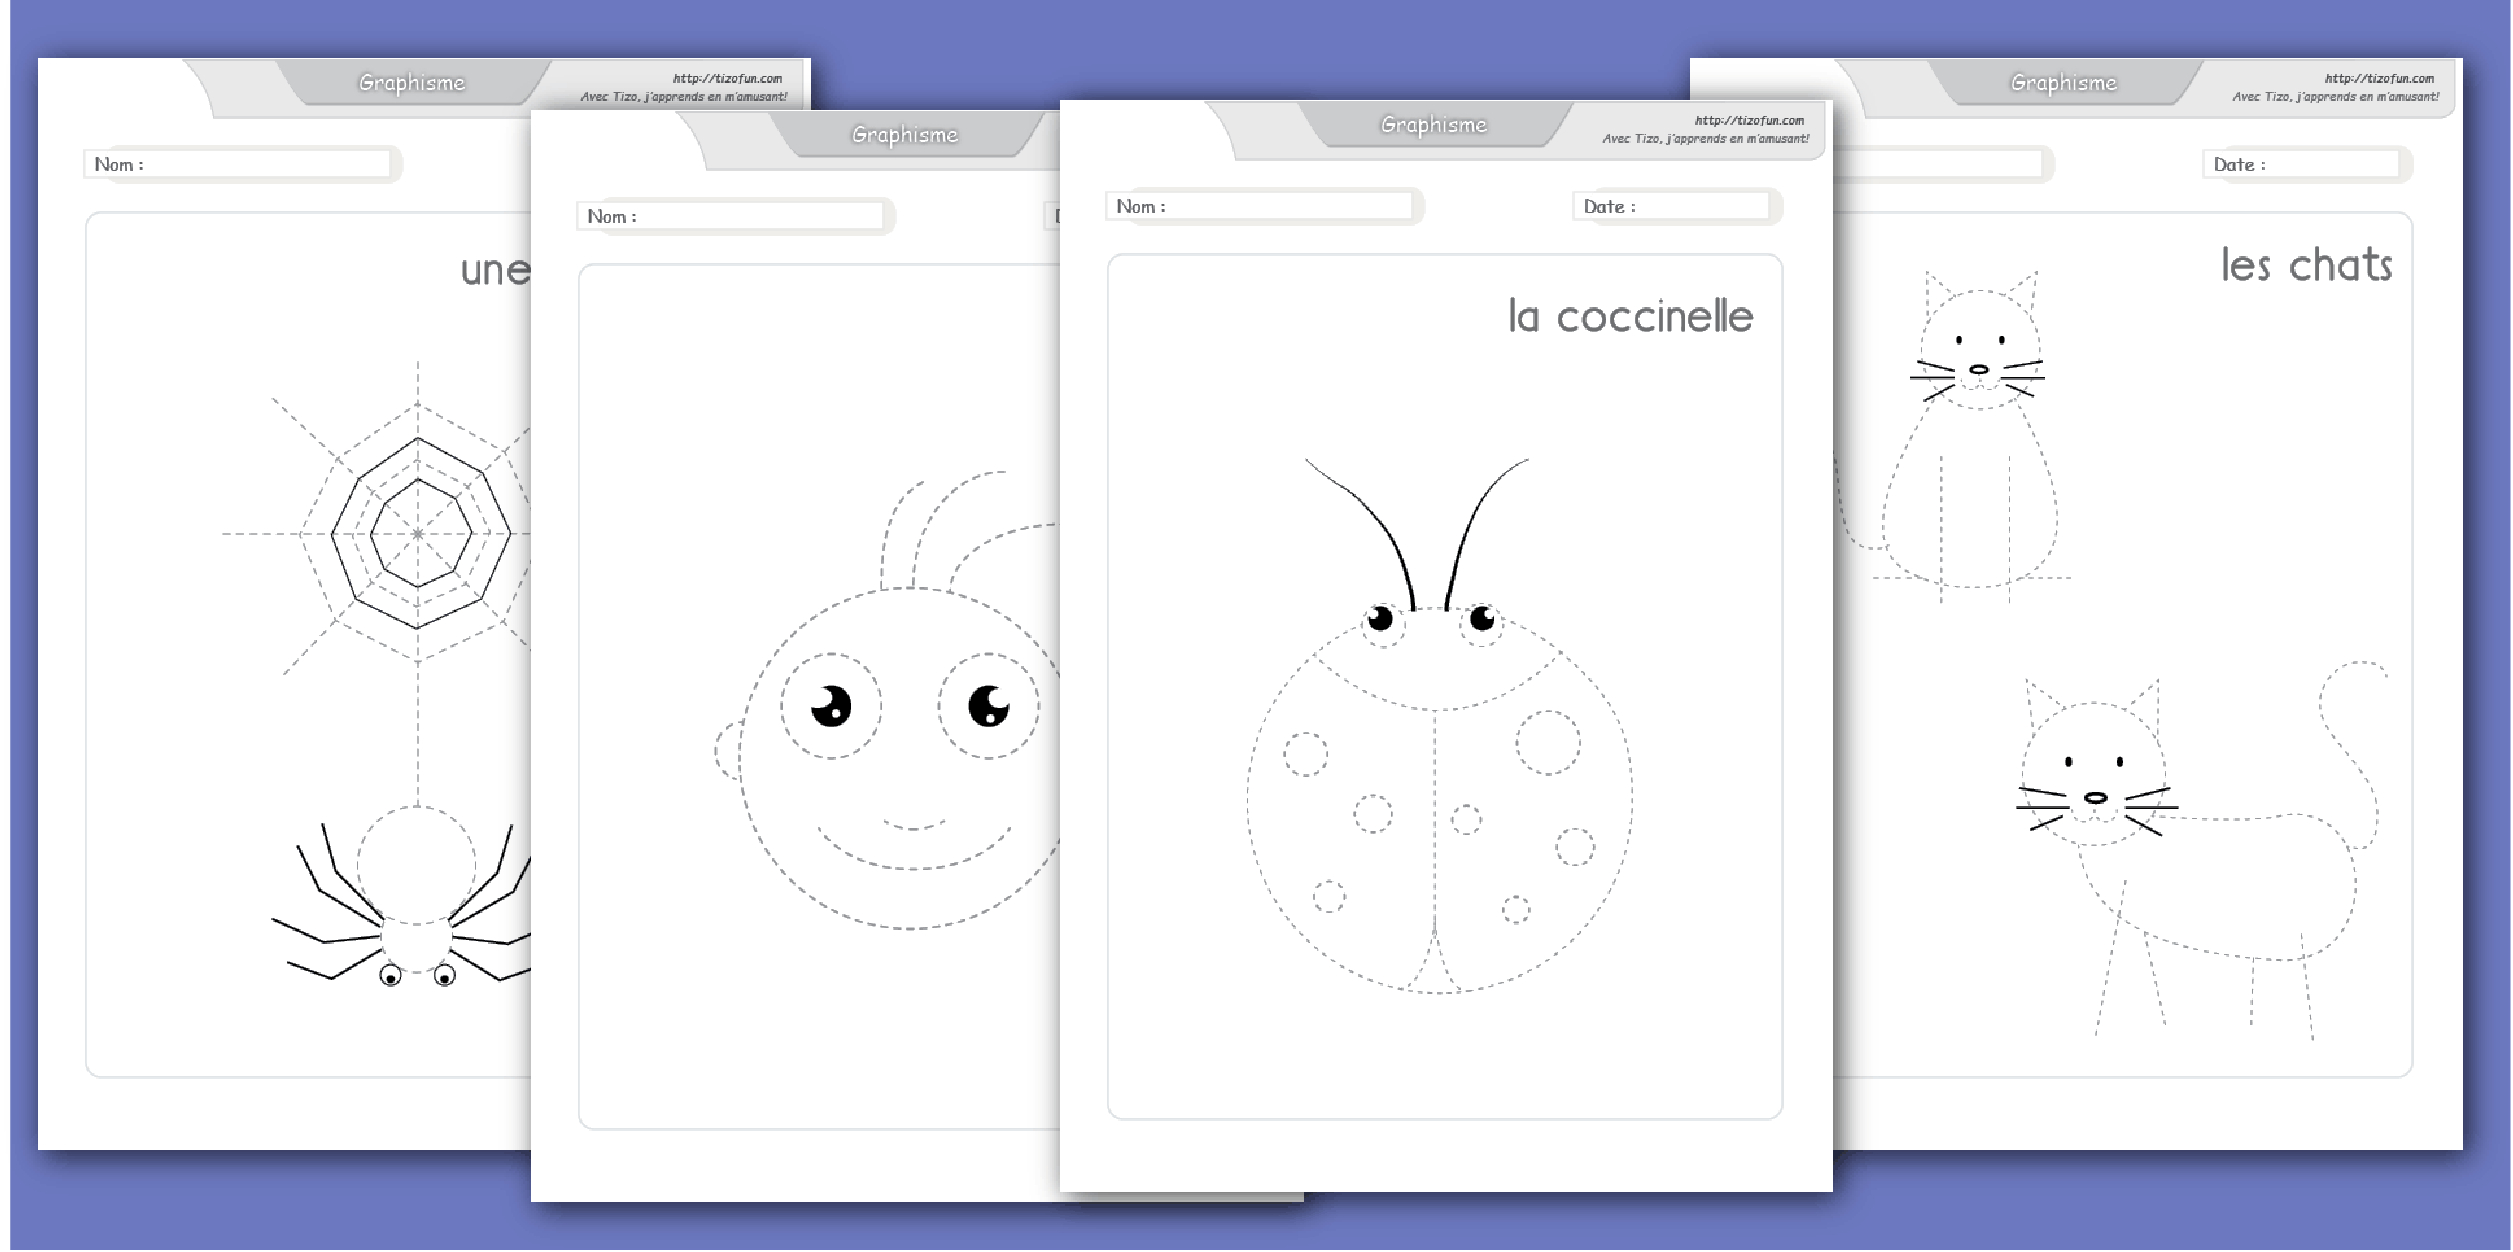 Développer La Motricité Fine Par La Pratique Du Dessin intérieur Exercice Graphisme Moyenne Section